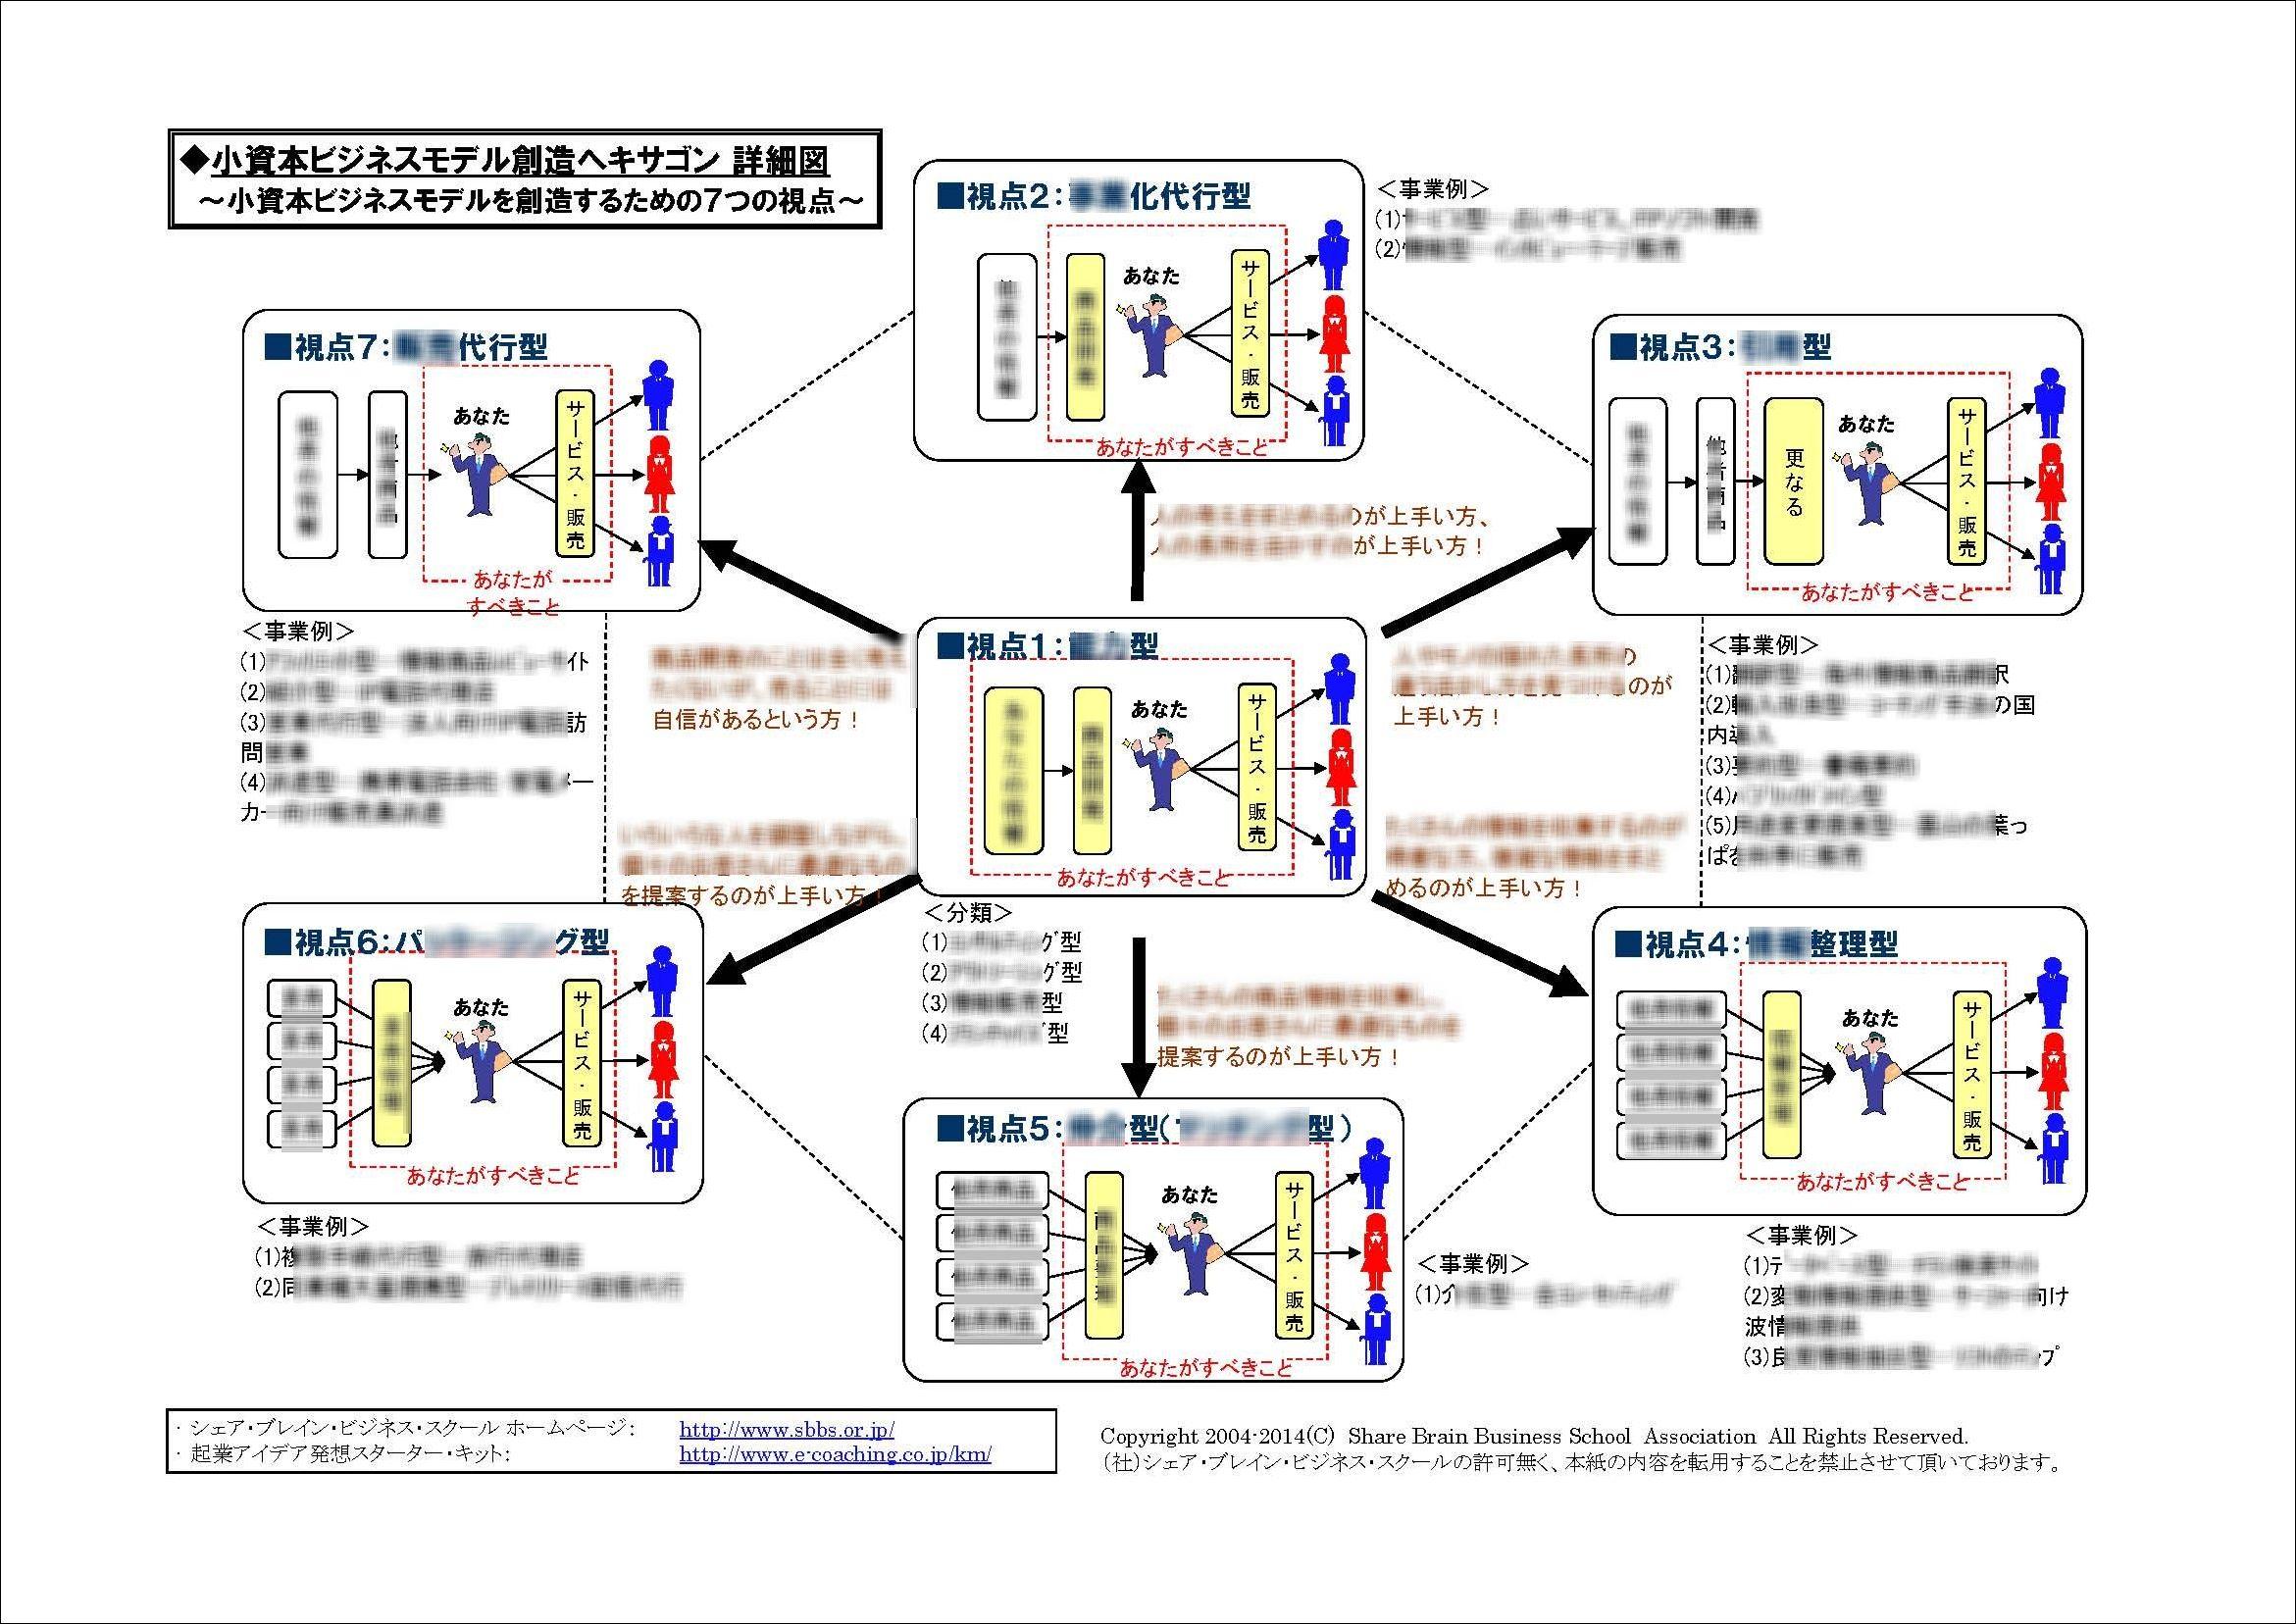 bm7-22_b1